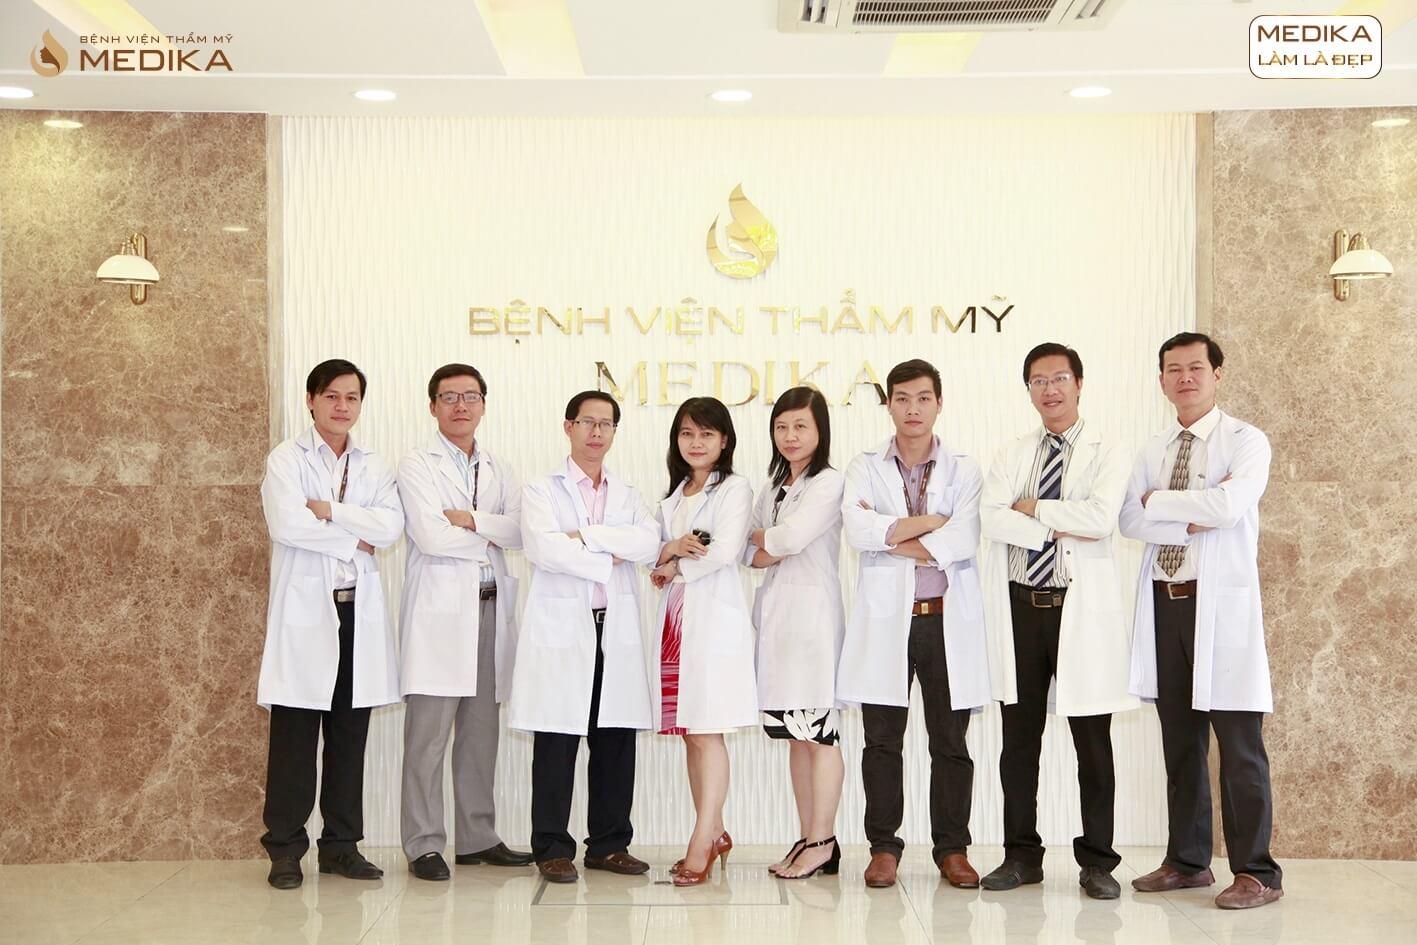 MEDIKA - Top 6 bệnh viện thẩm mỹ chất lượng nhất tại TP. Hồ Chí Minh Đội ngũ nhân lực